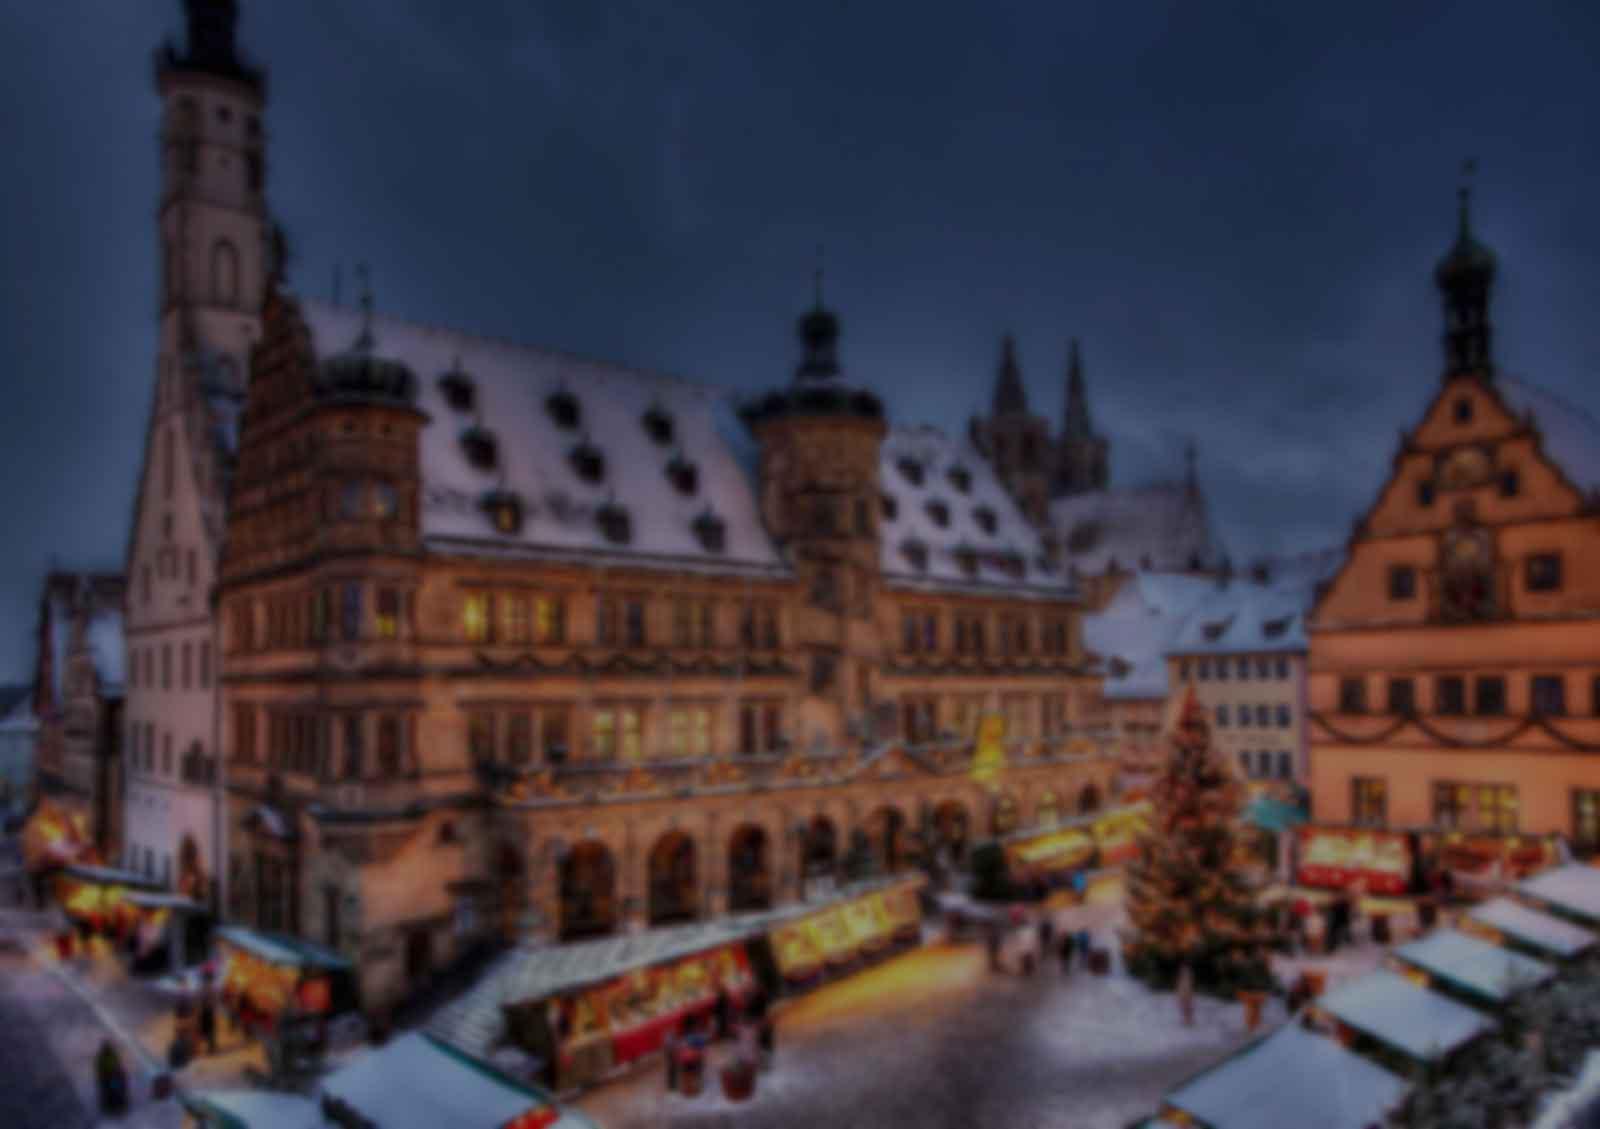 mercatini-natale-strada-romantica